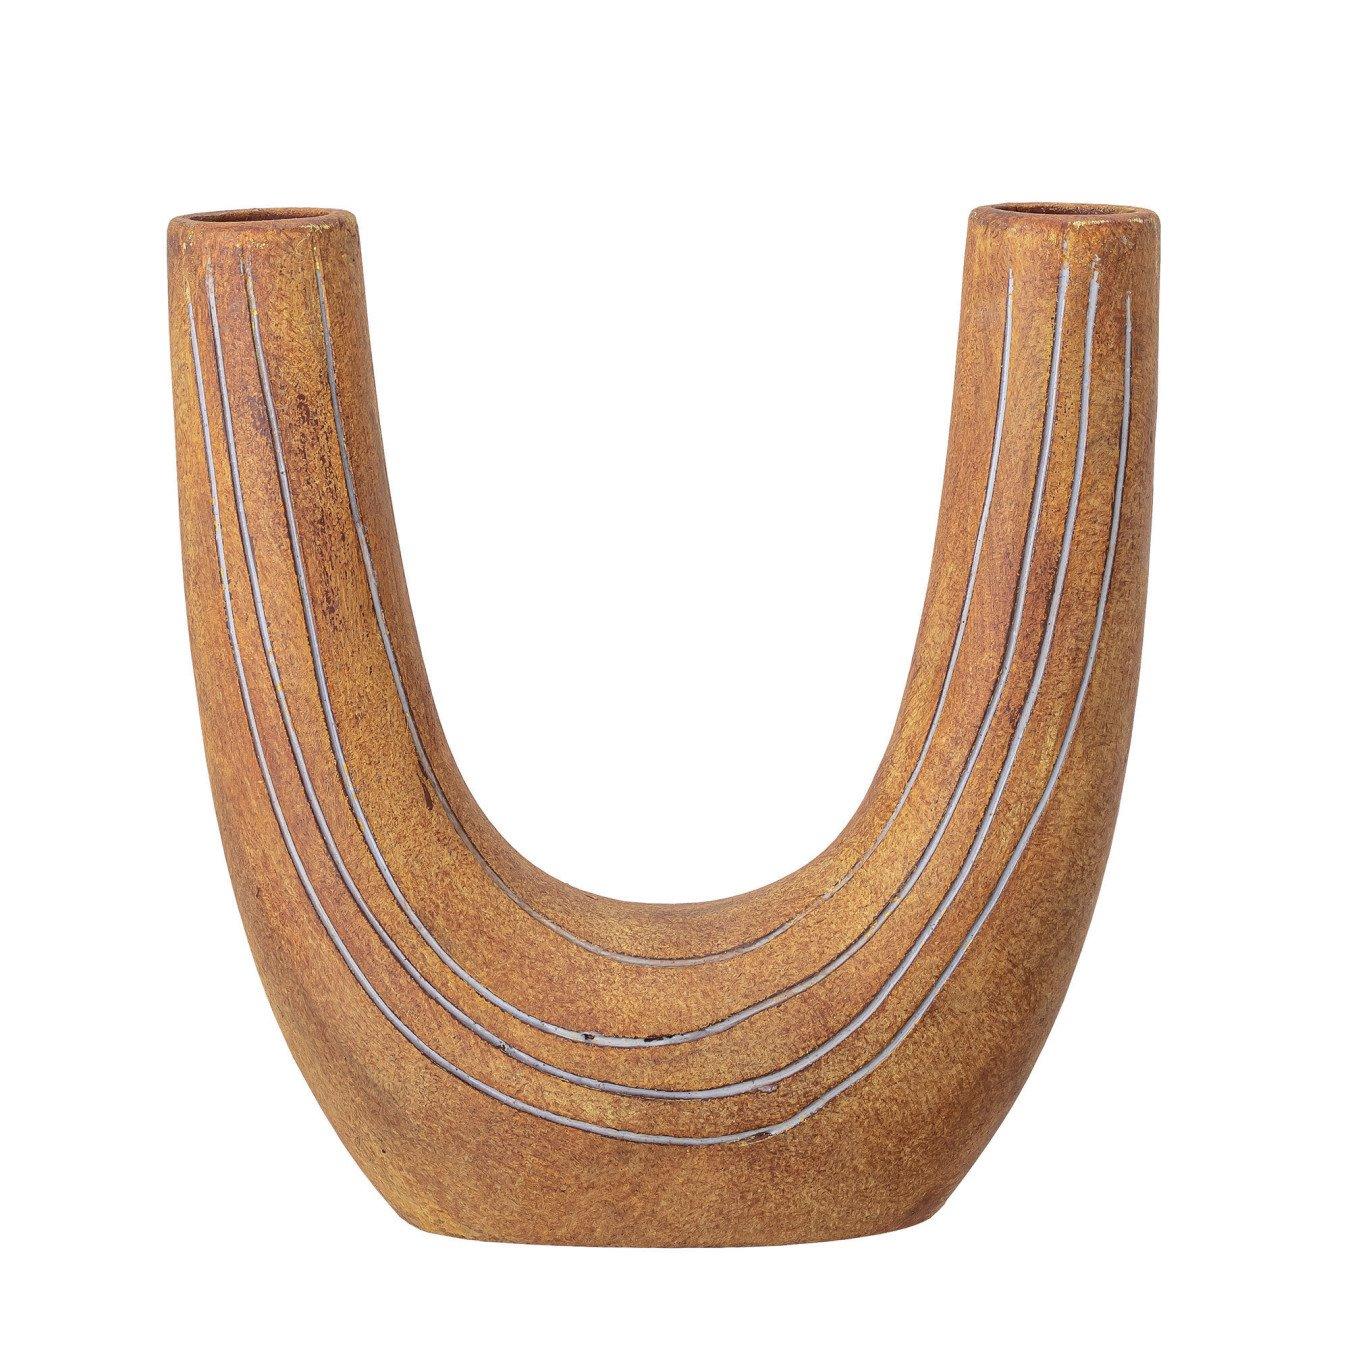 Hand-Painted Terra-cotta U-Shaped Vase w/ 2 Openings & Engraved Lines